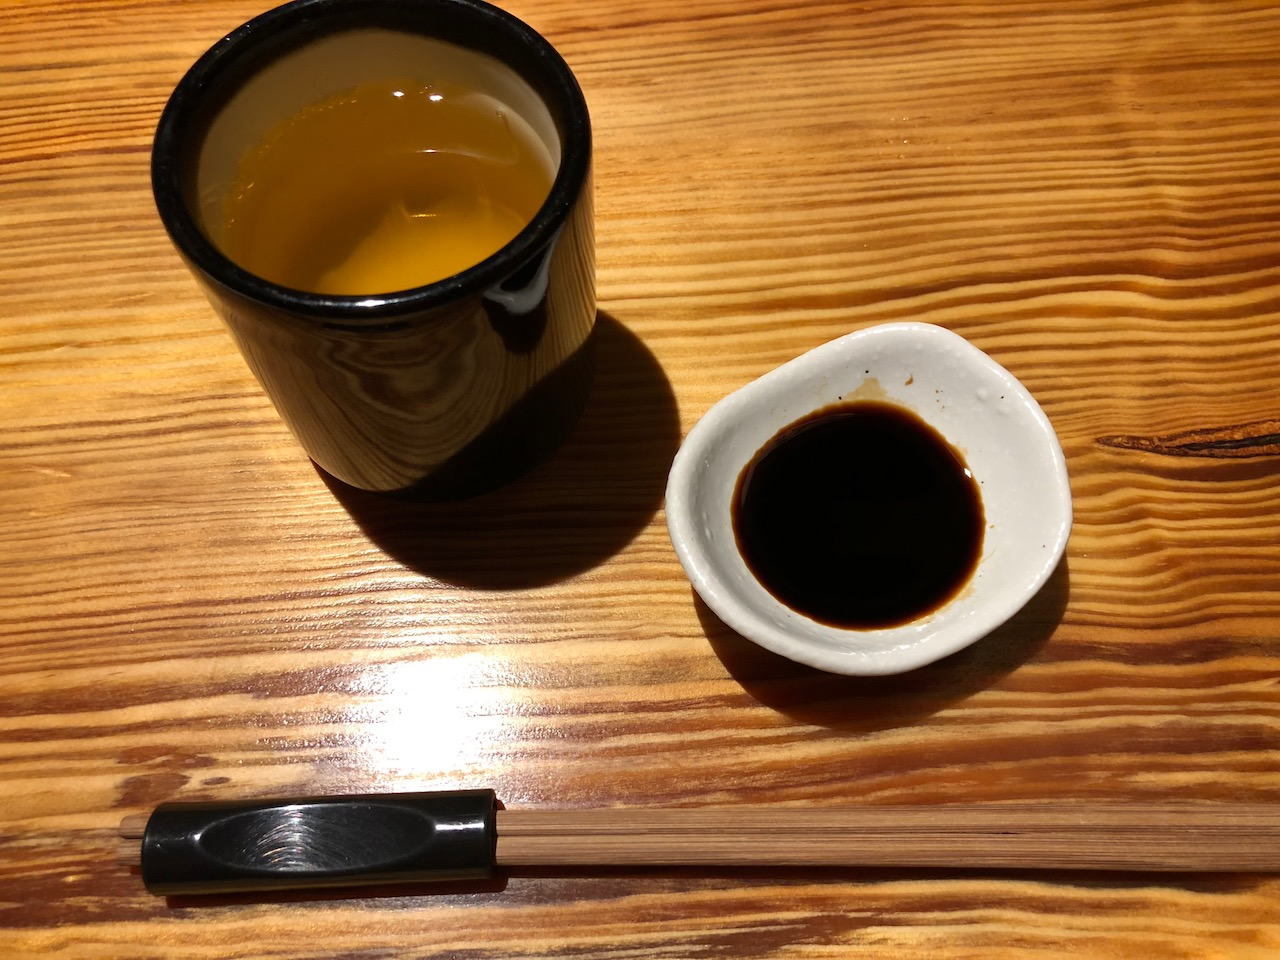 姫路駅前でちょいといいランチ!鮨・串天ぷら居酒屋「じごろ天神」のお寿司ランチを食べてきた!